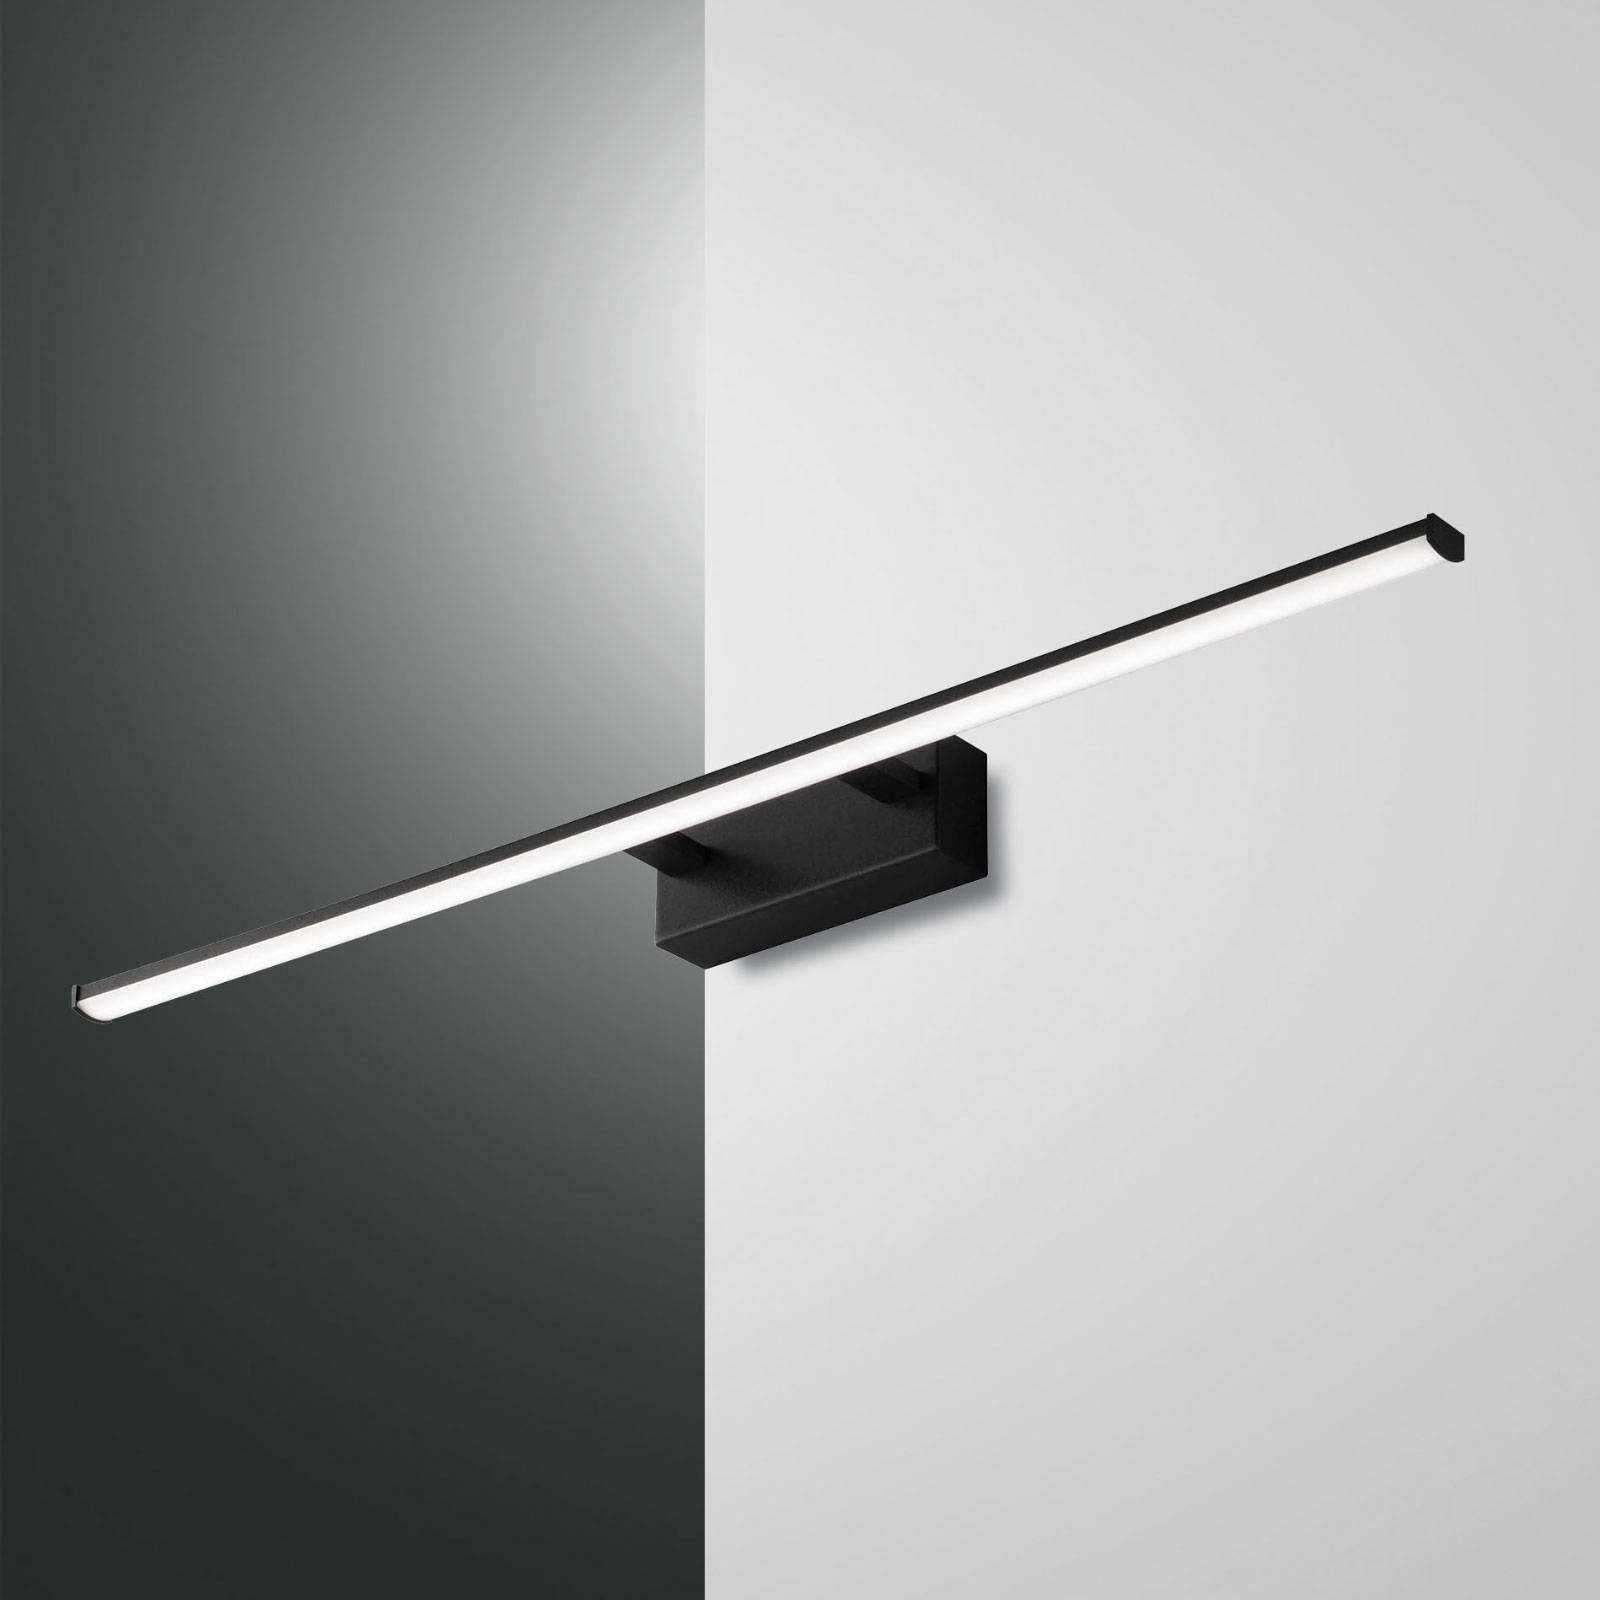 LED-vegglampe Nala, svart, bredde 75 cm